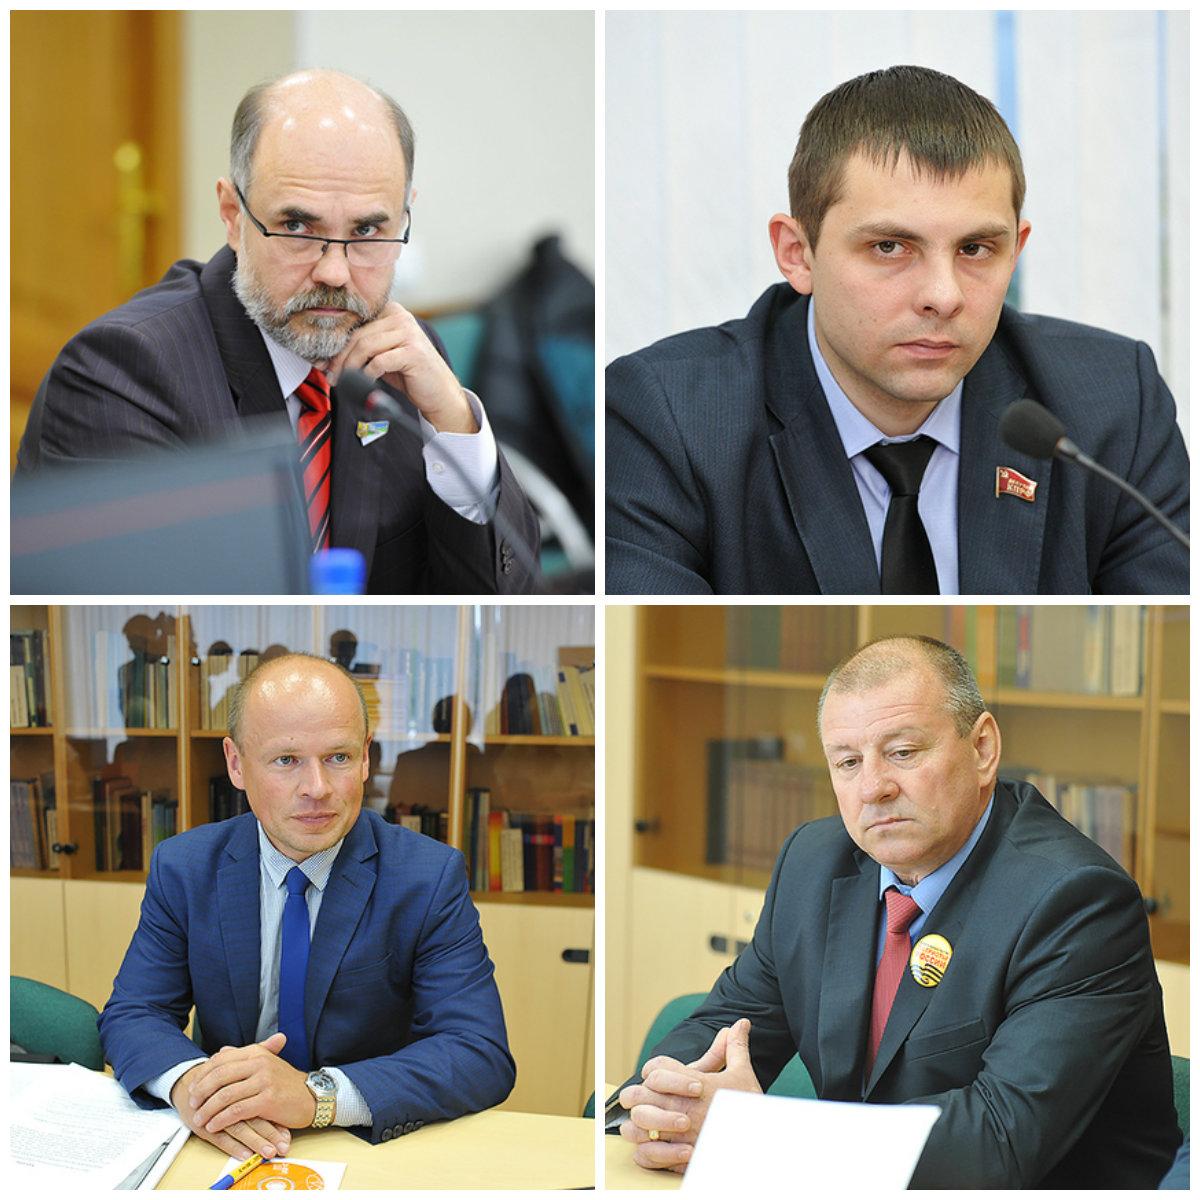 Представители партий в Коми оценили организацию сентябрьских выборов-2016